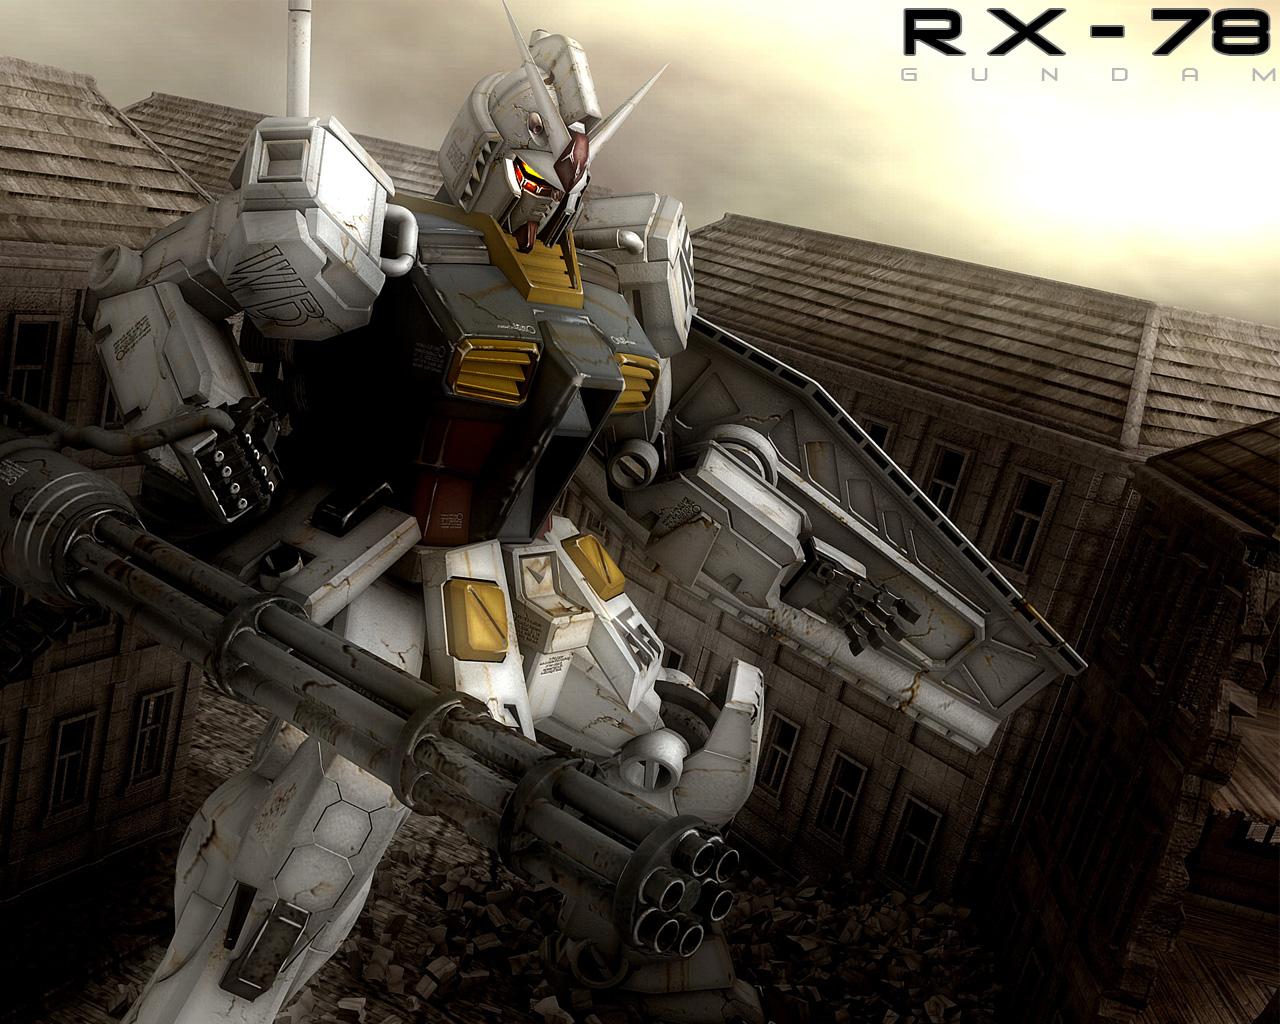 mecha mobile_suit_gundam rx-78 weapon